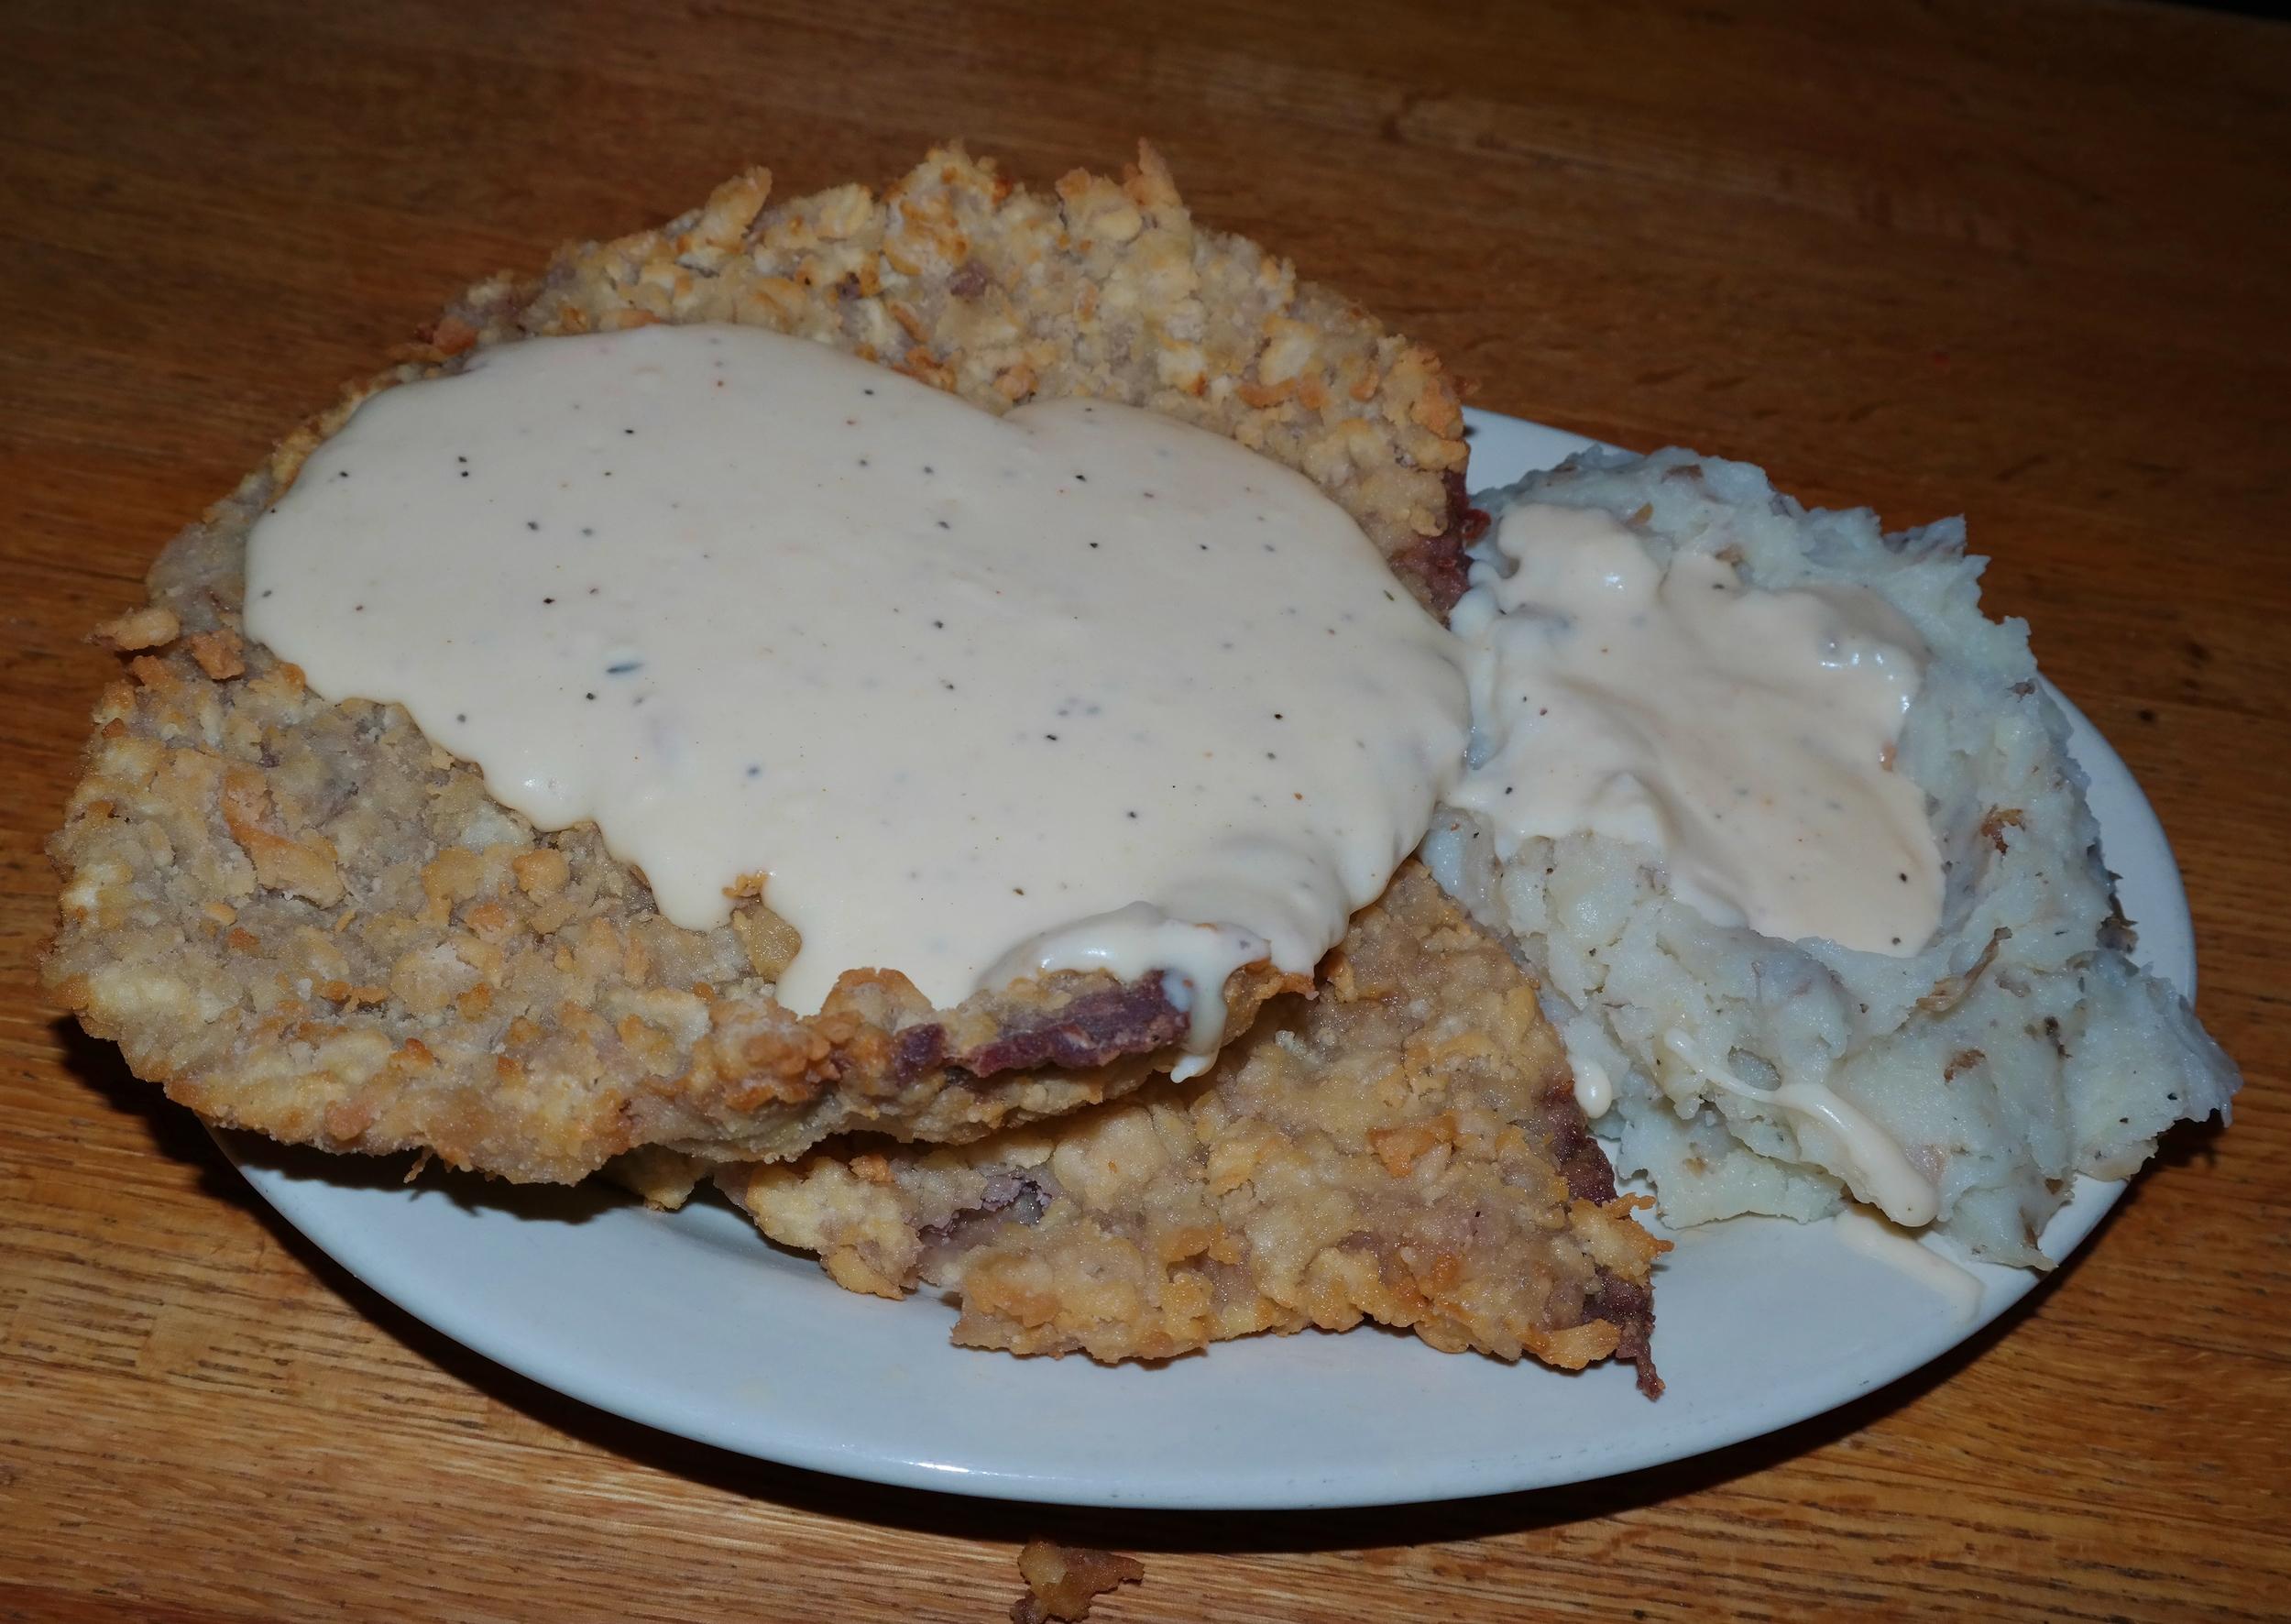 TEXAZ chicken fried steak